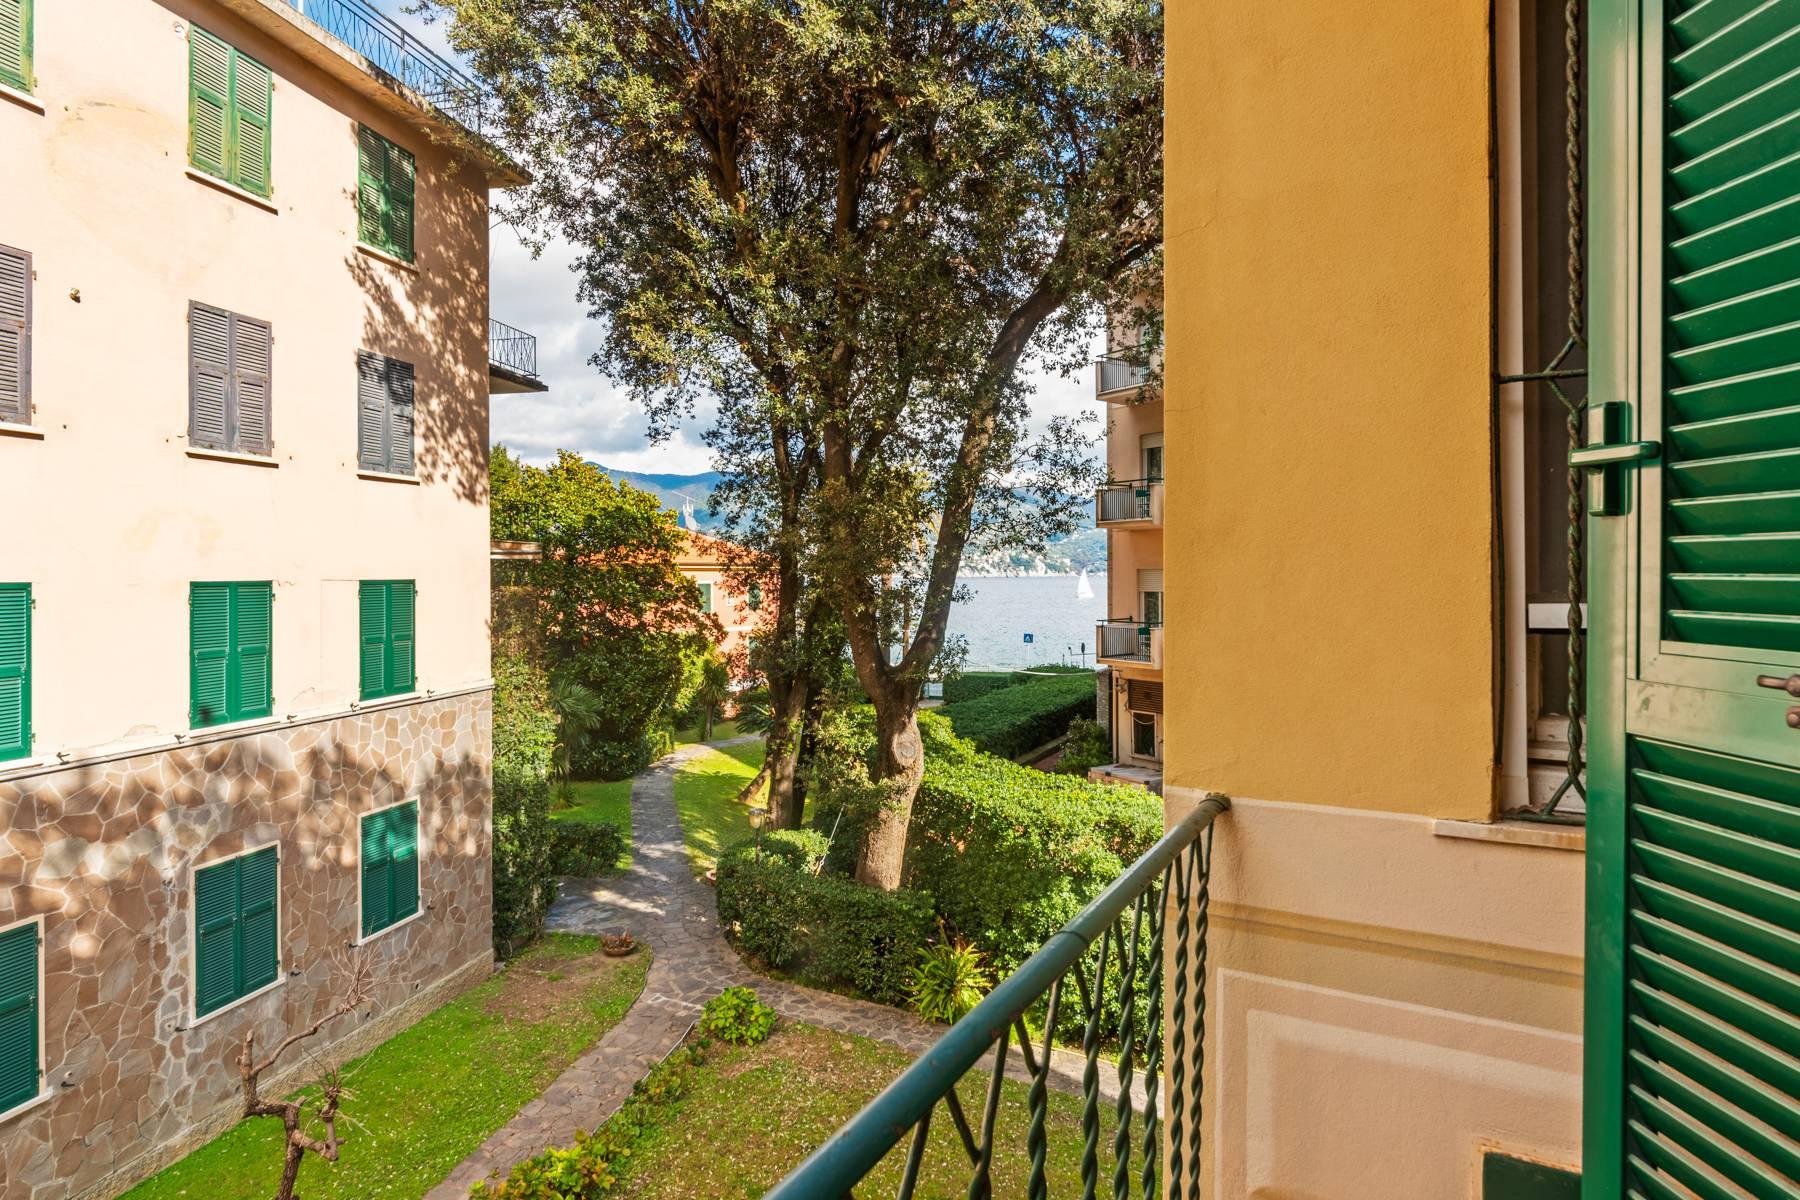 Appartamento in Vendita a Santa Margherita Ligure: 5 locali, 120 mq - Foto 4